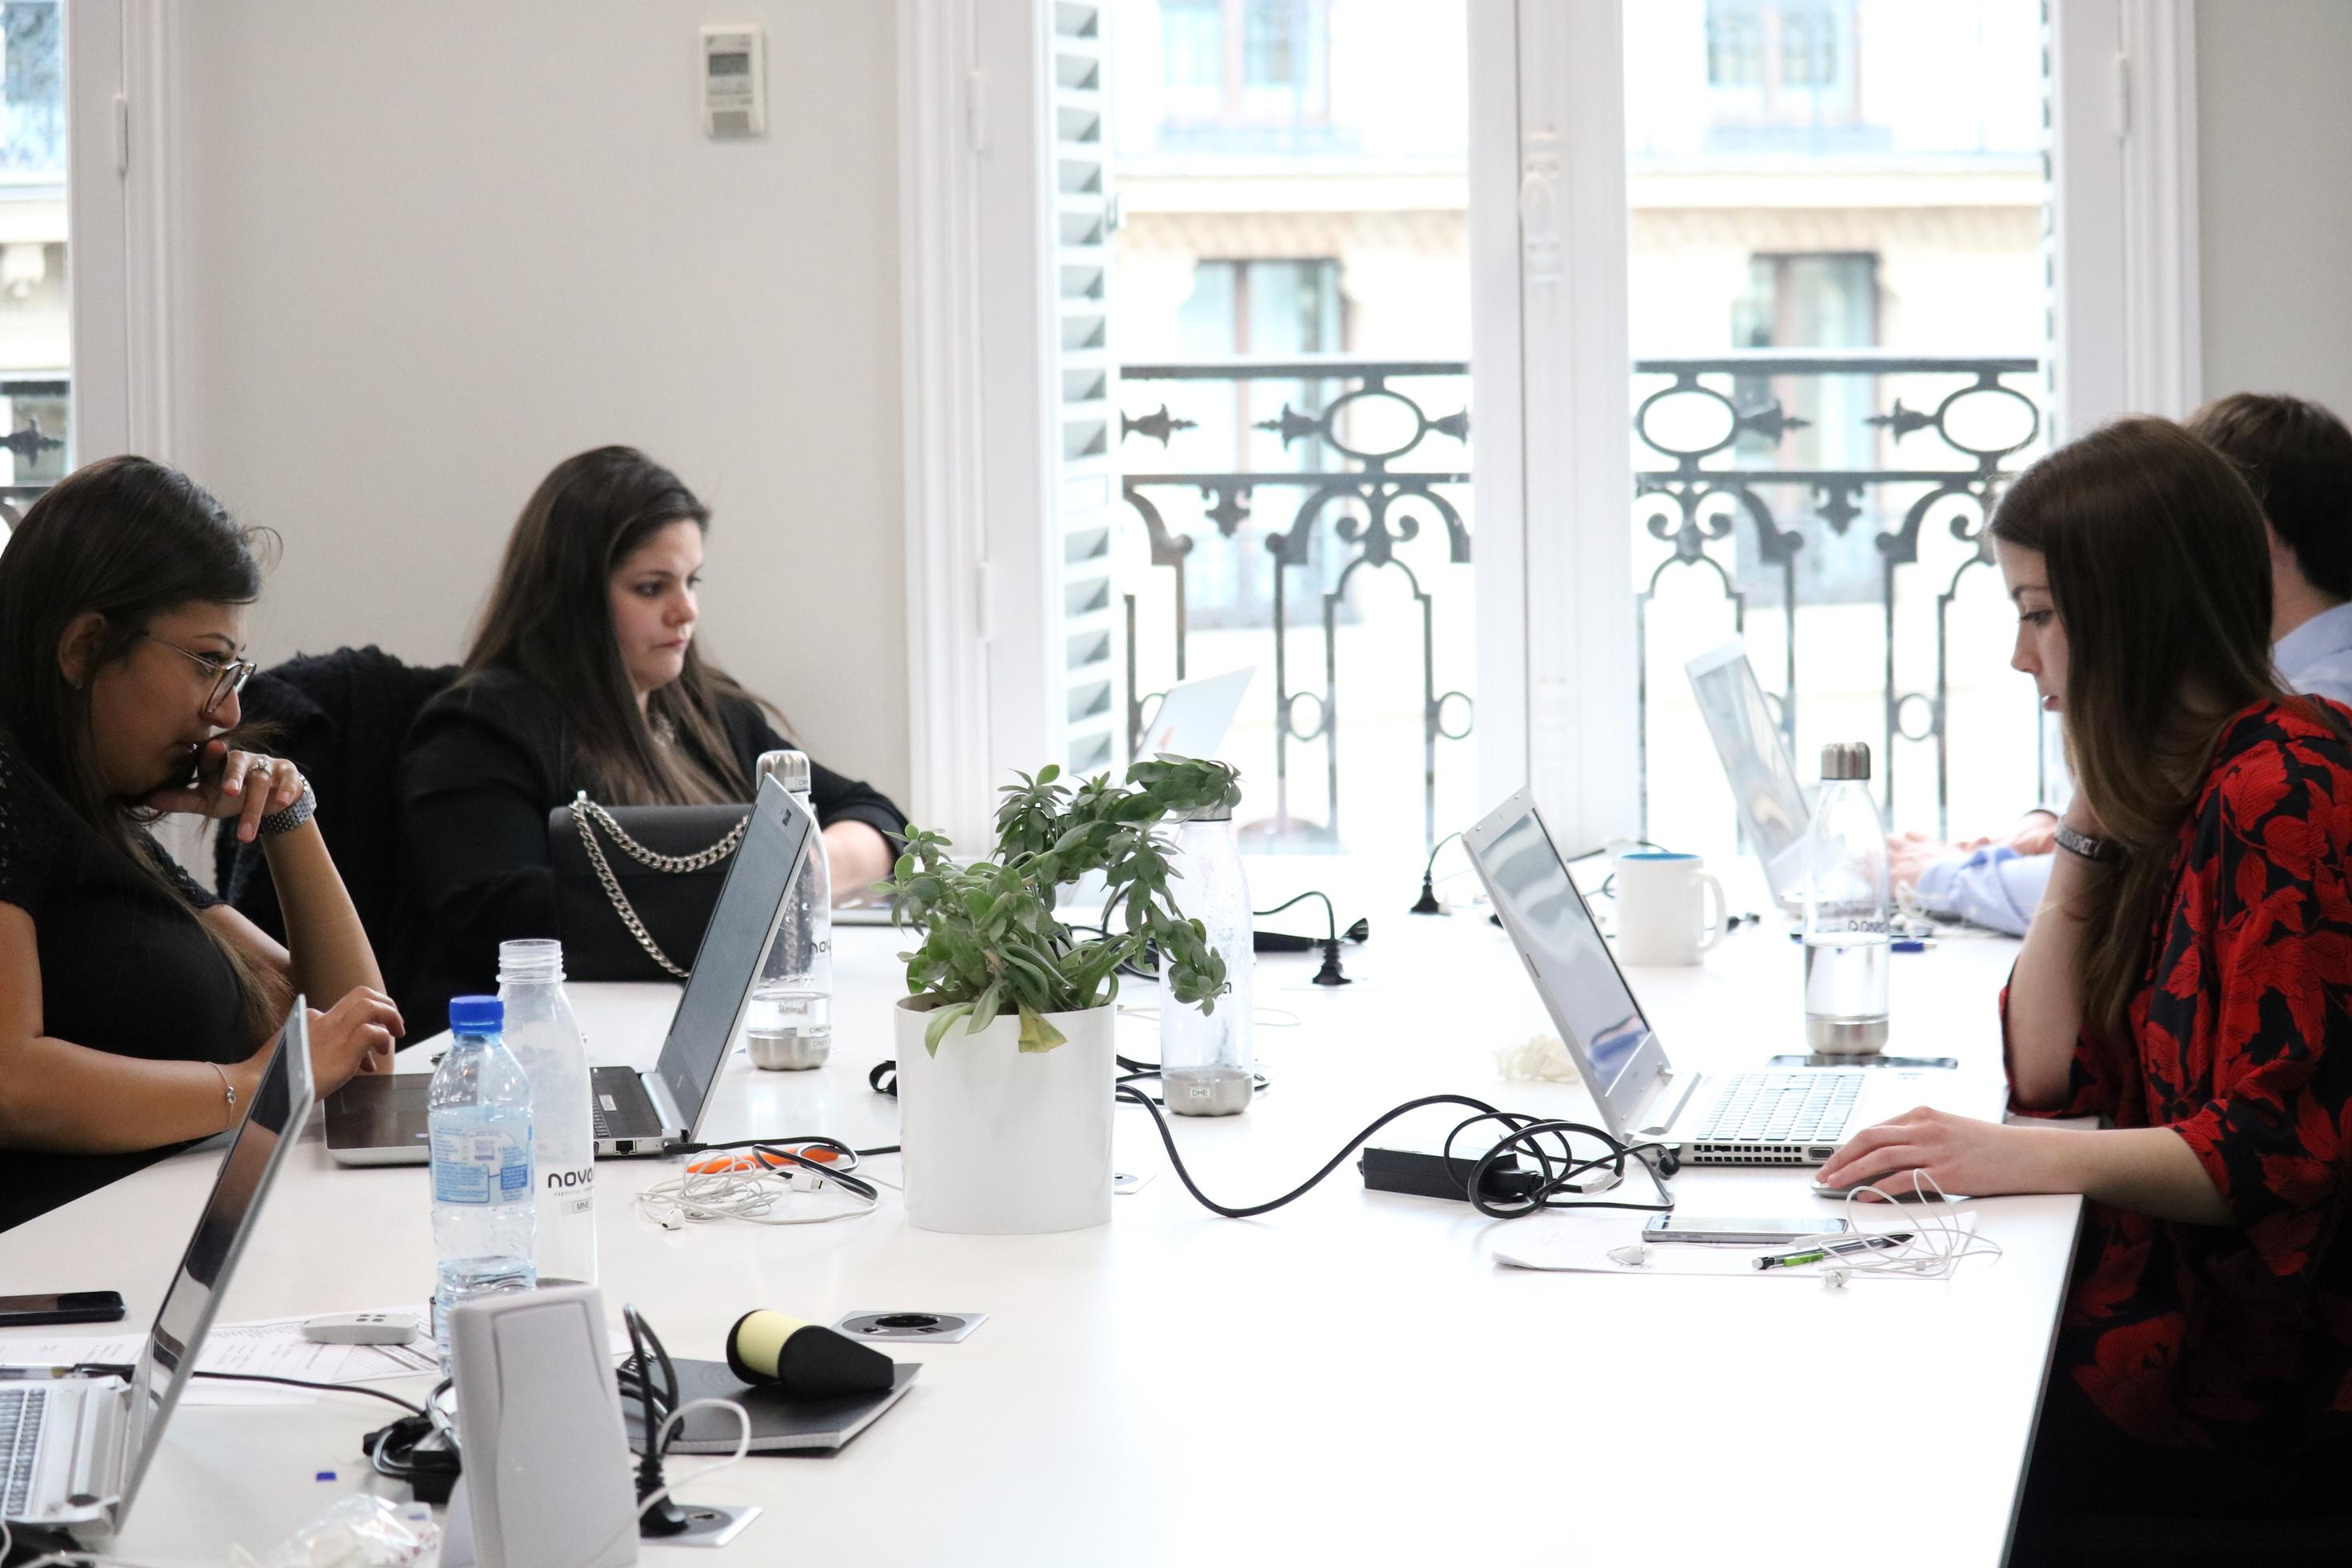 Novaa Expertise, expert-comptable à Paris